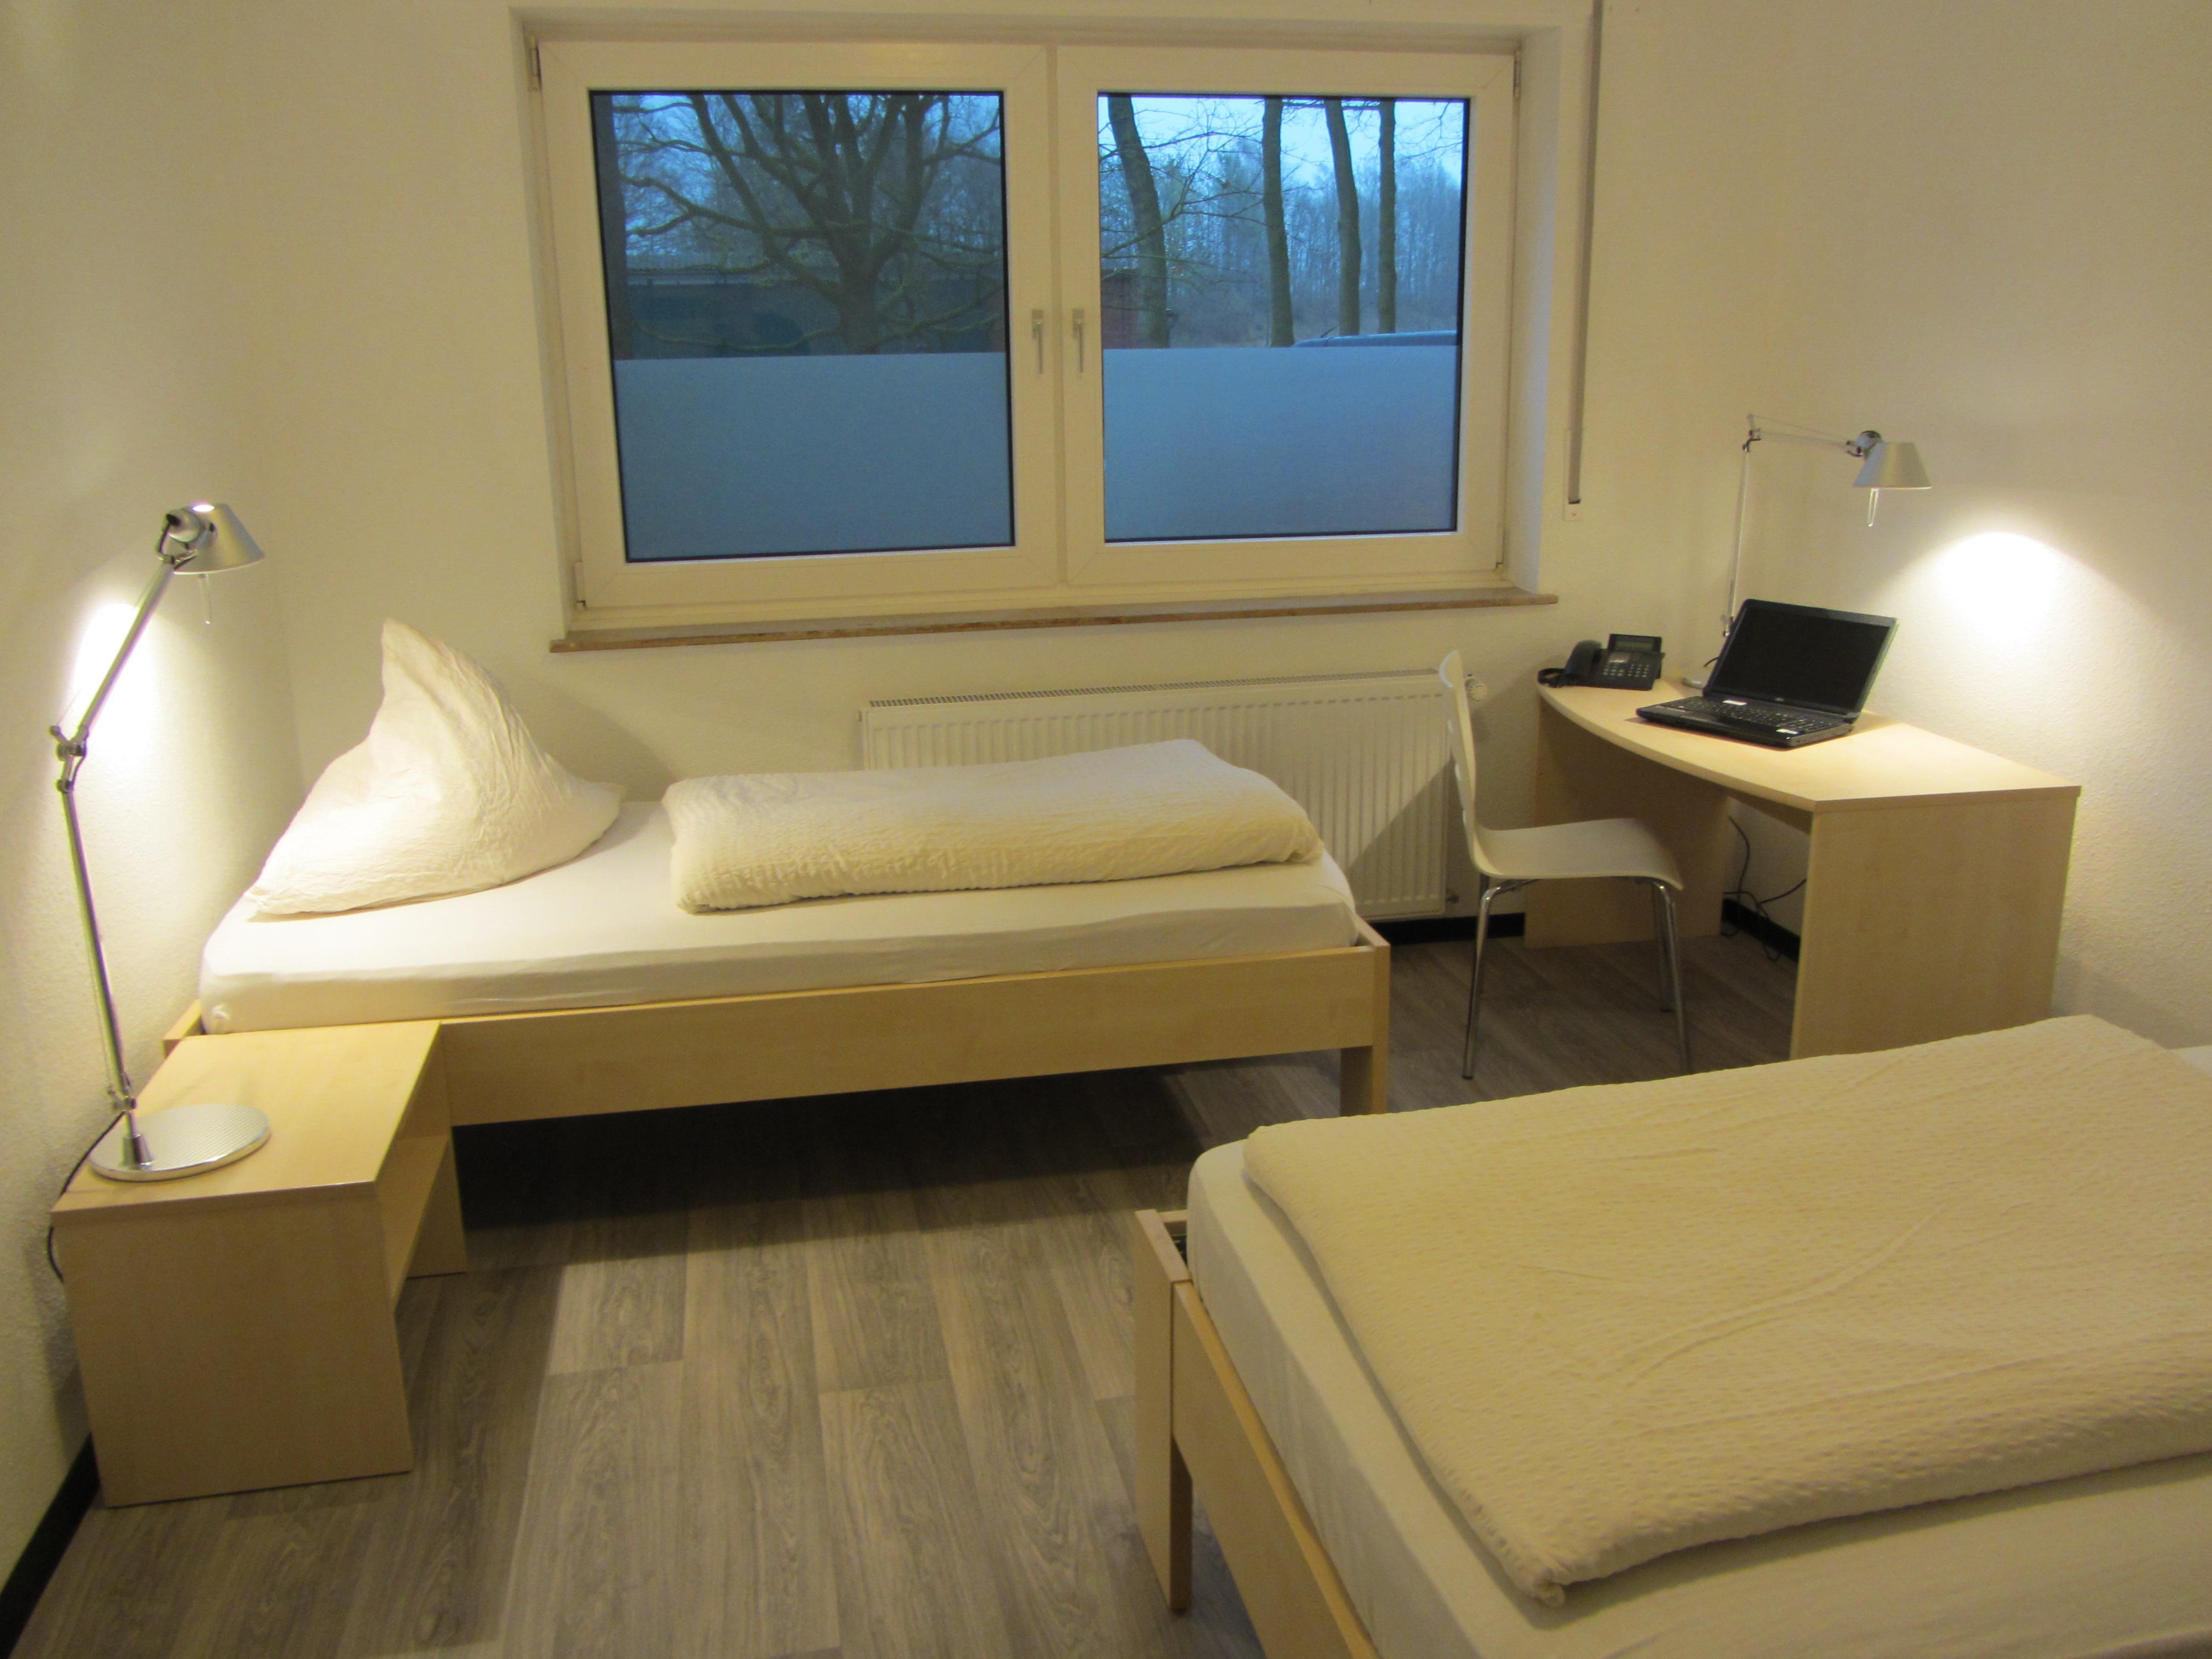 renovierung hotel appartement in lippstadt bad waldliesbornhotel pension appartement haus. Black Bedroom Furniture Sets. Home Design Ideas